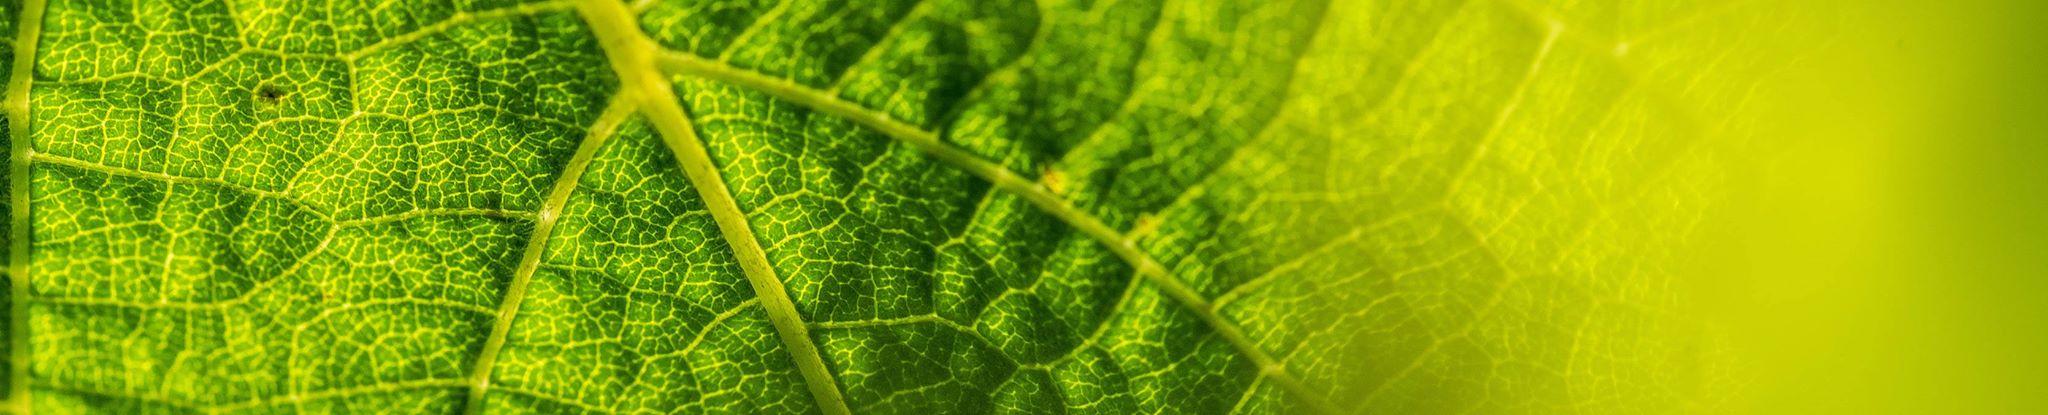 Vins Bio d'Alsace - Domaine De l'Envol